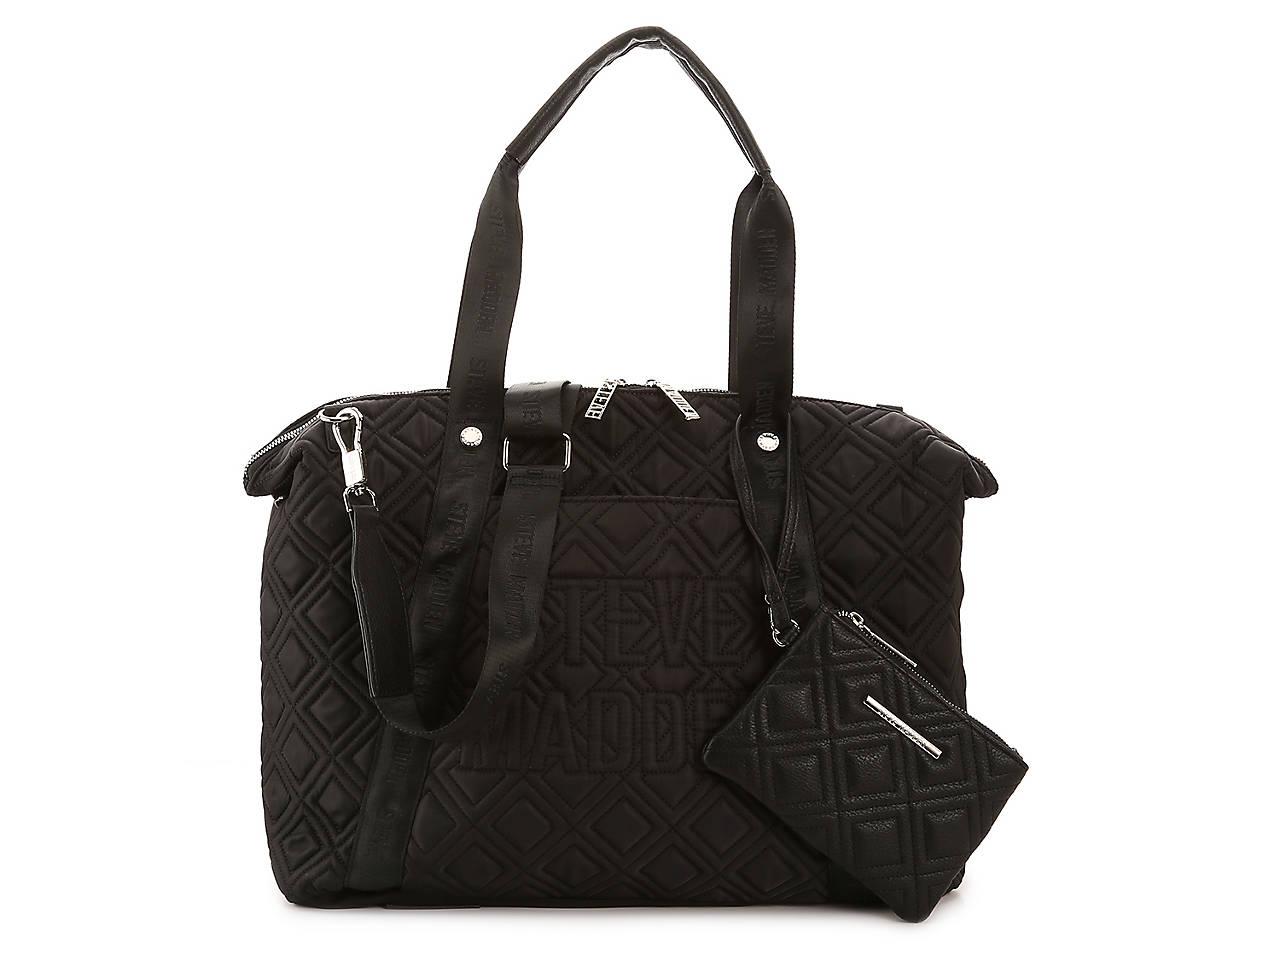 225a8851e2 Steve Madden Bfrankel Weekender Bag Women s Handbags   Accessories